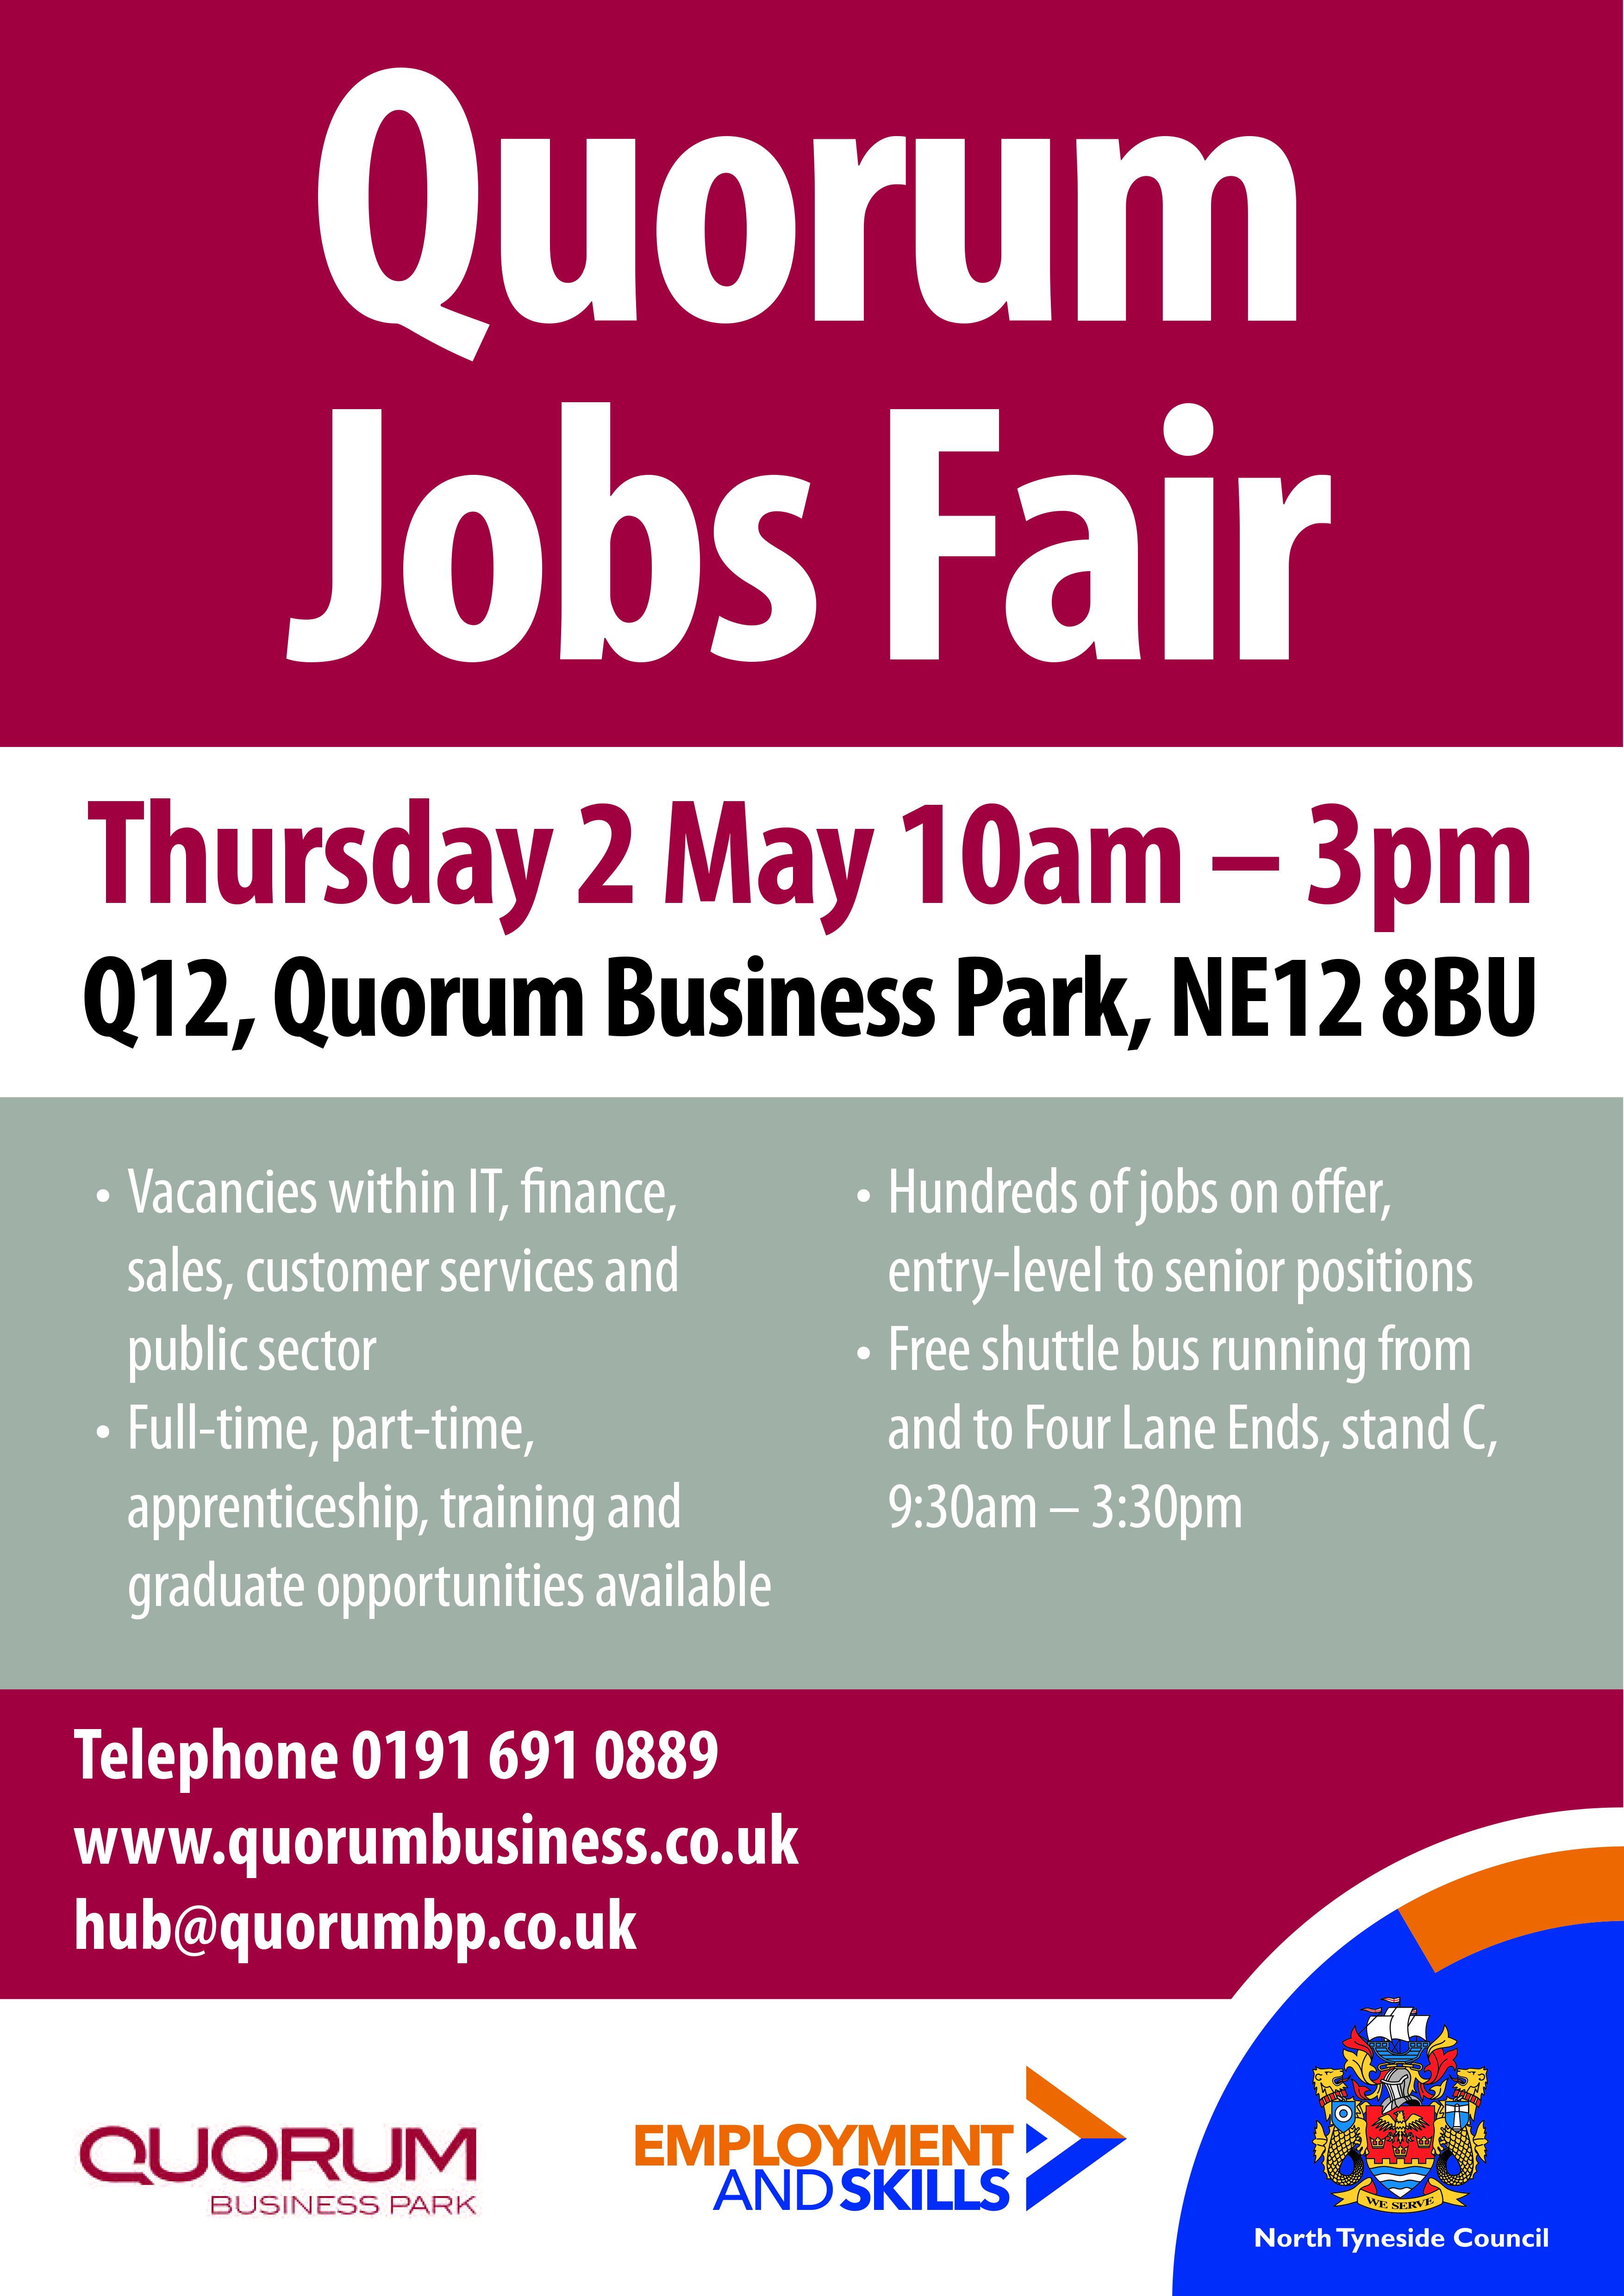 Quorum Jobs Fair 2019